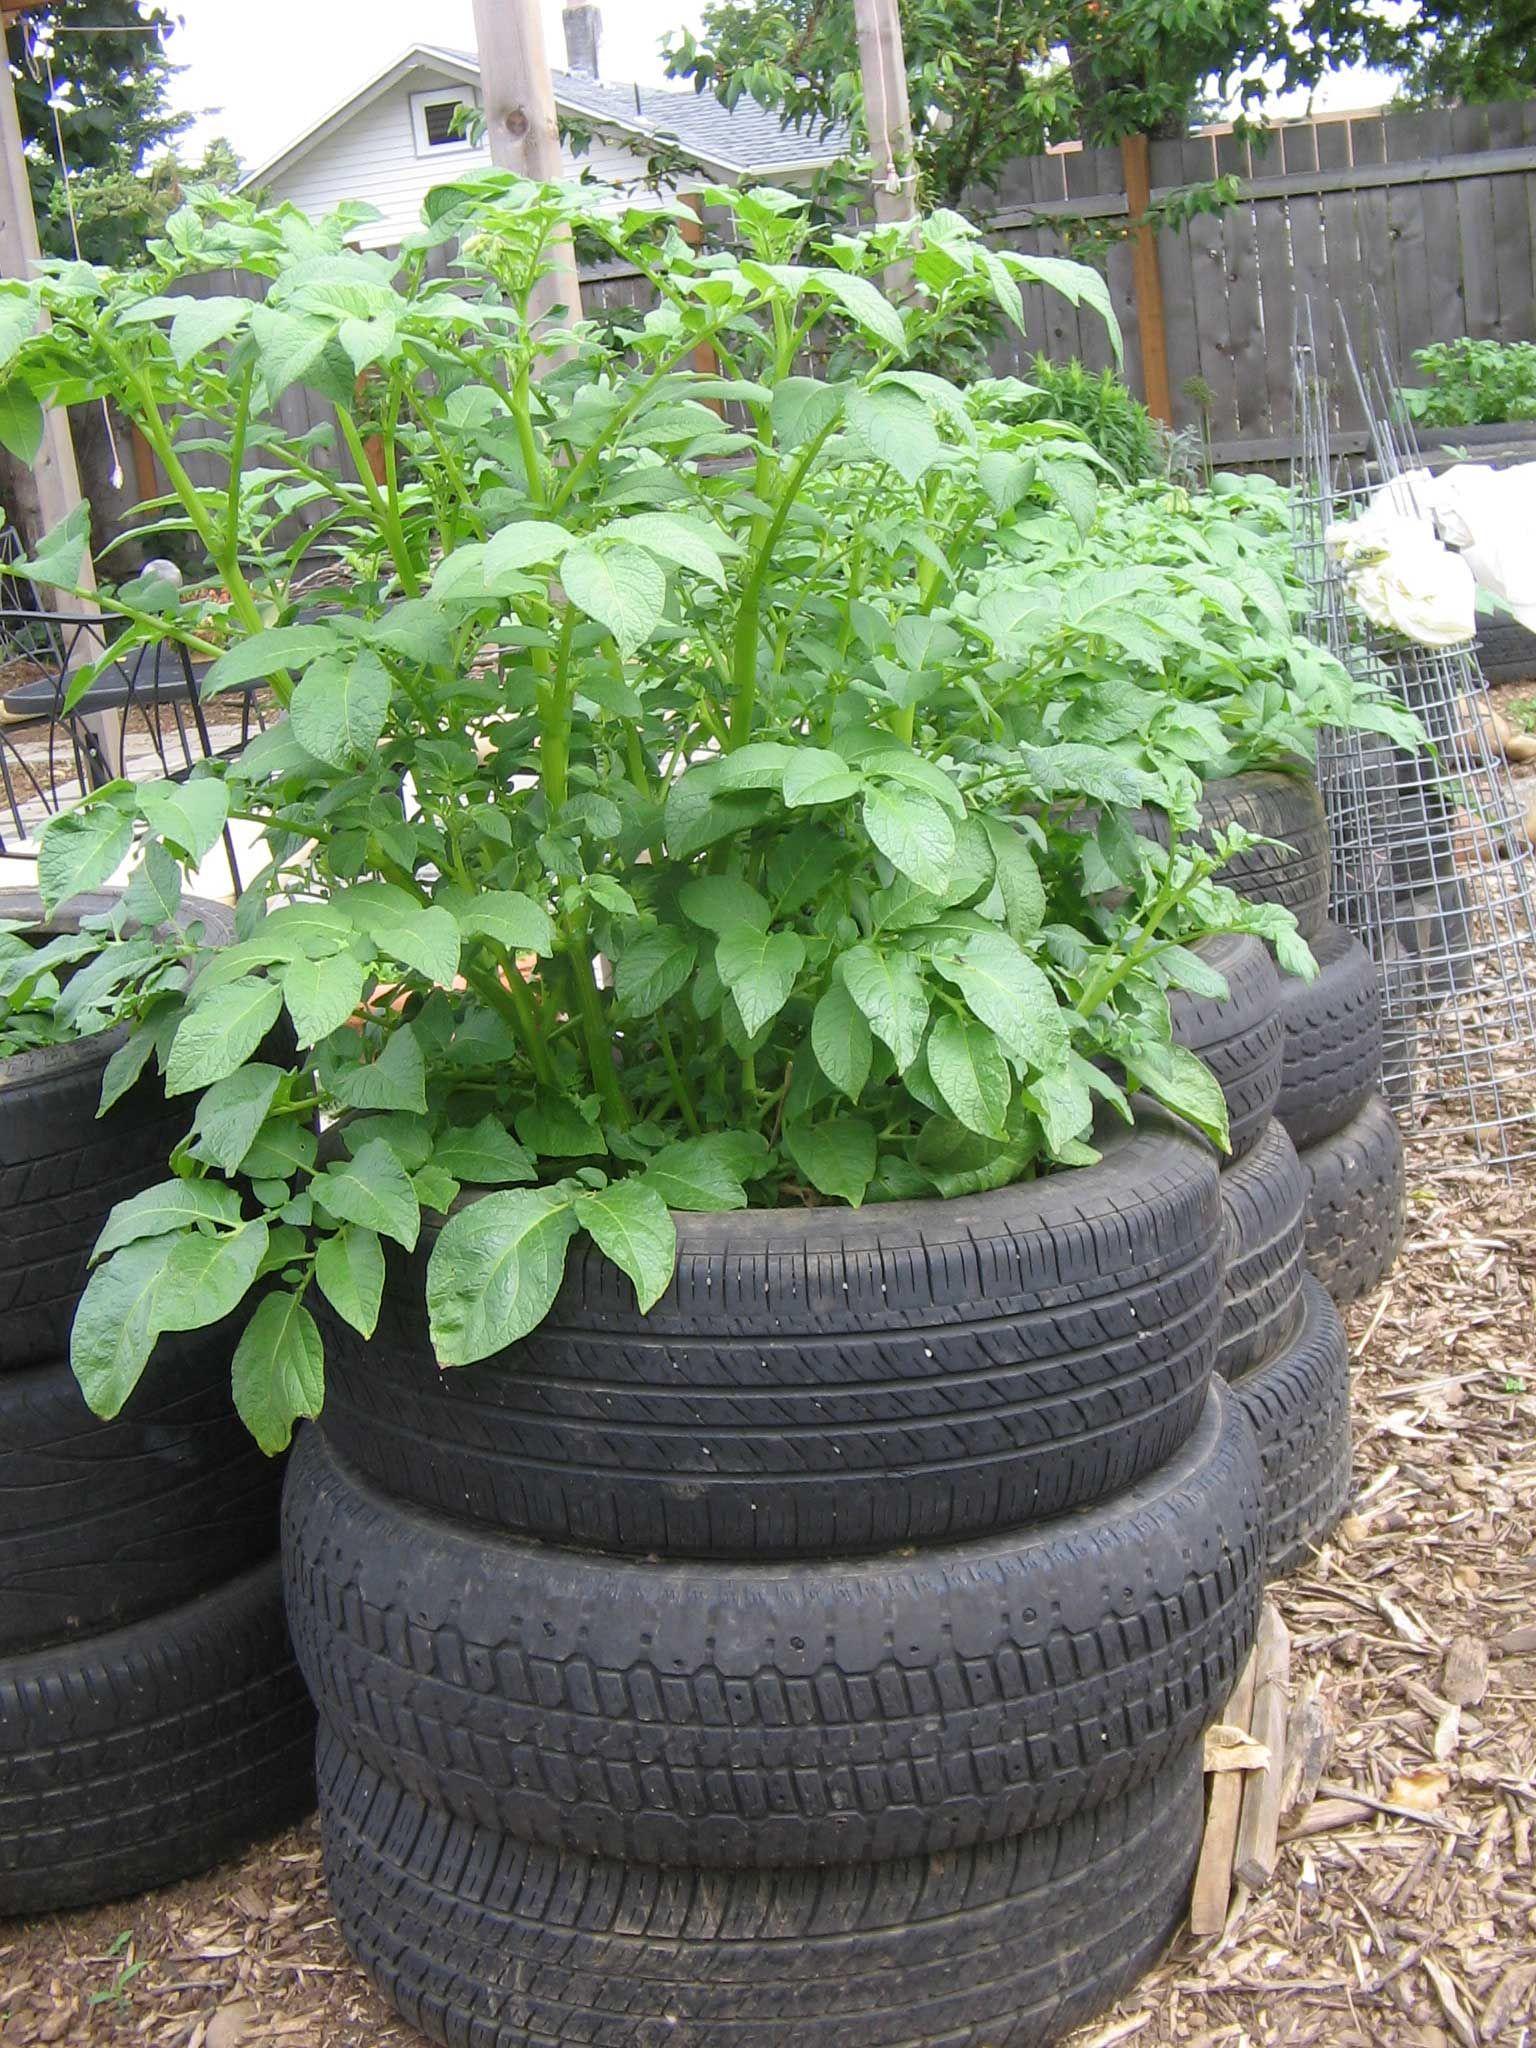 Growing potatoes in tyres